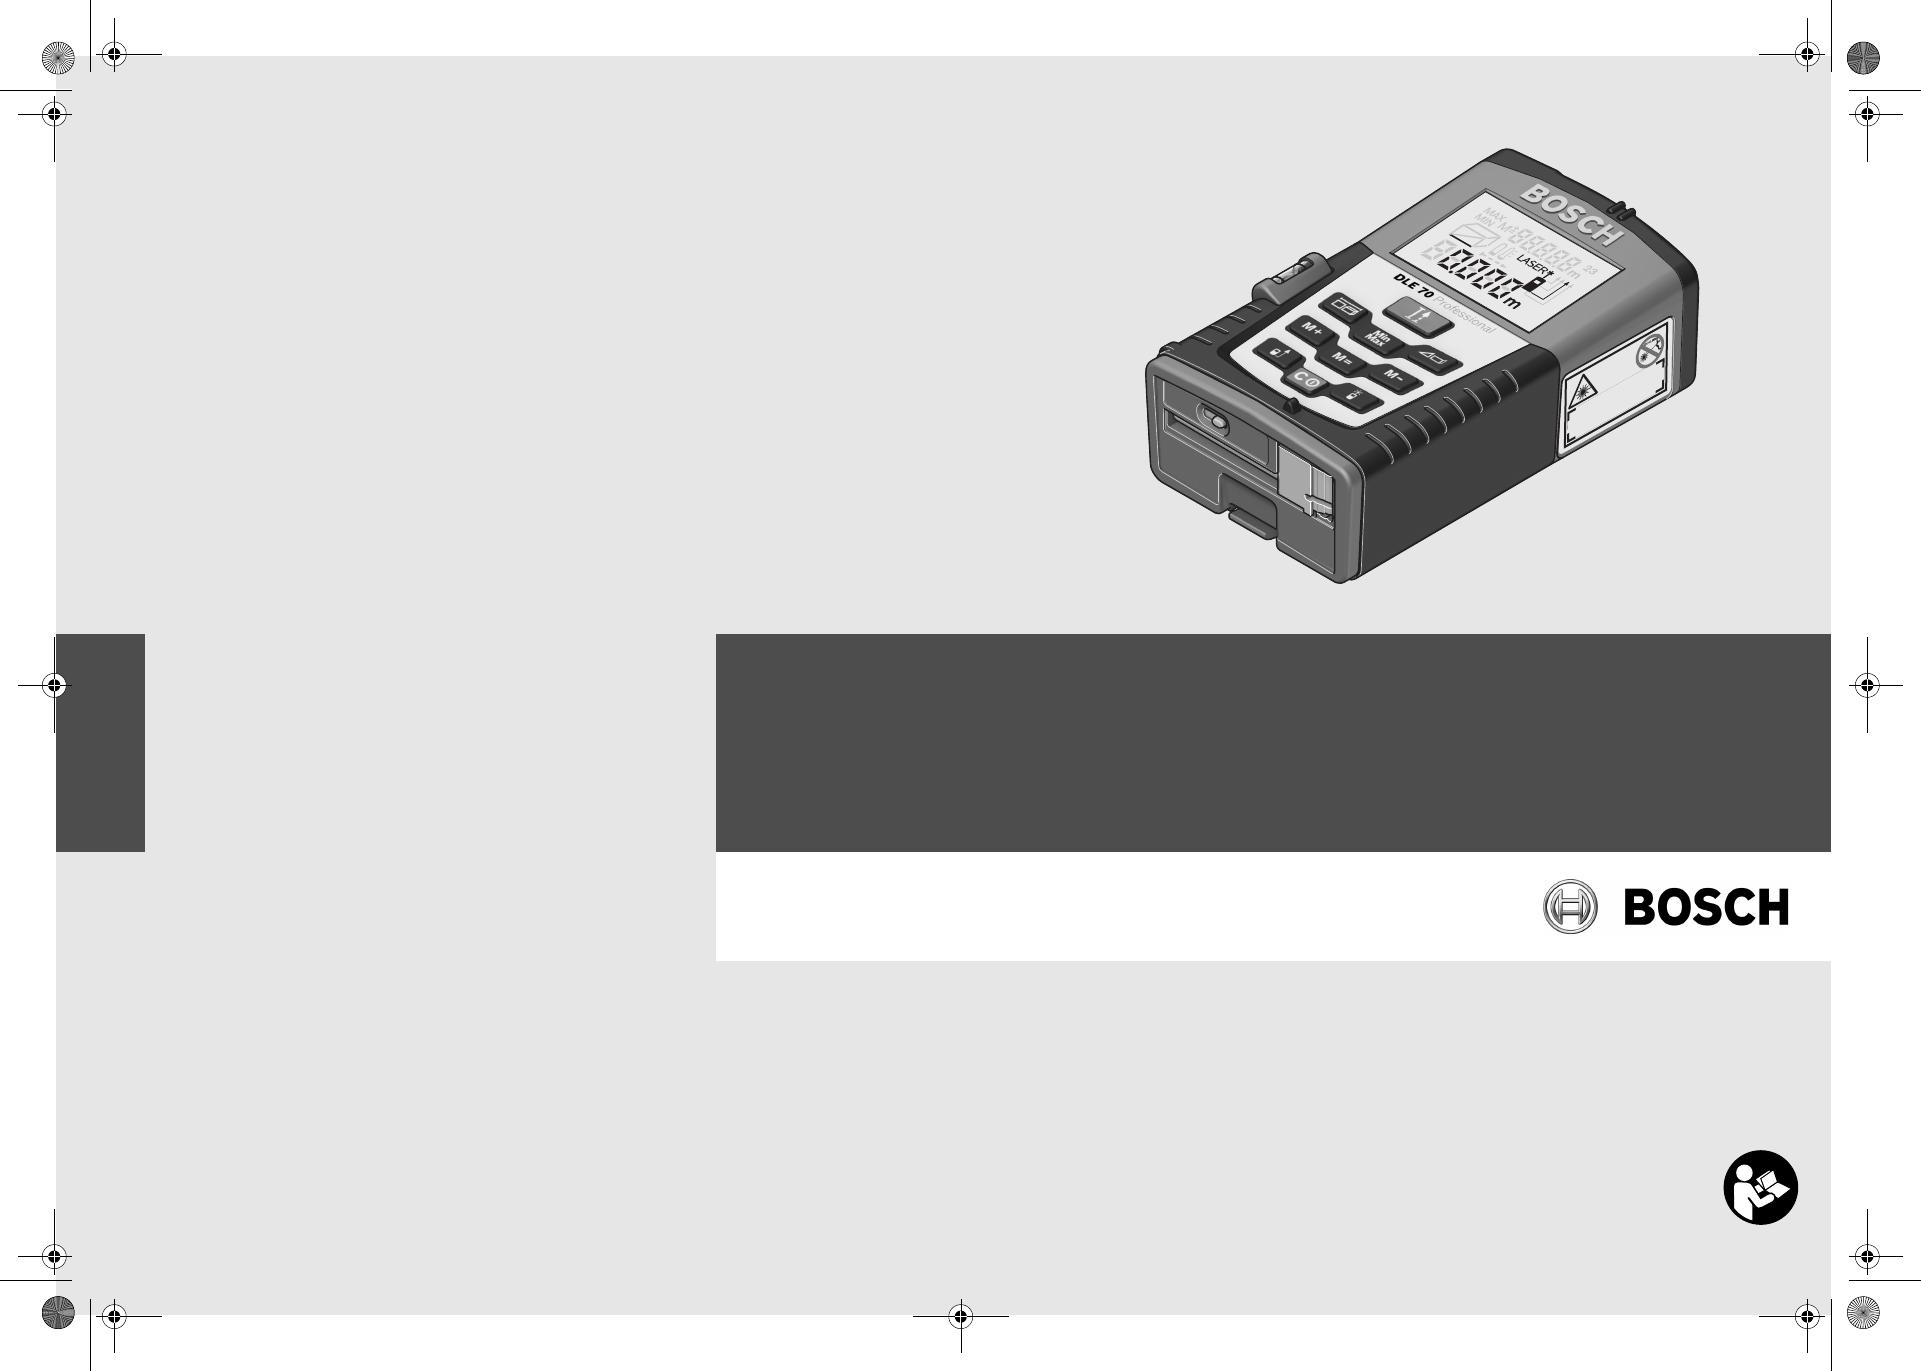 Bosch Entfernungsmesser Dle 70 : Bosch dle 70 bedienungsanleitung